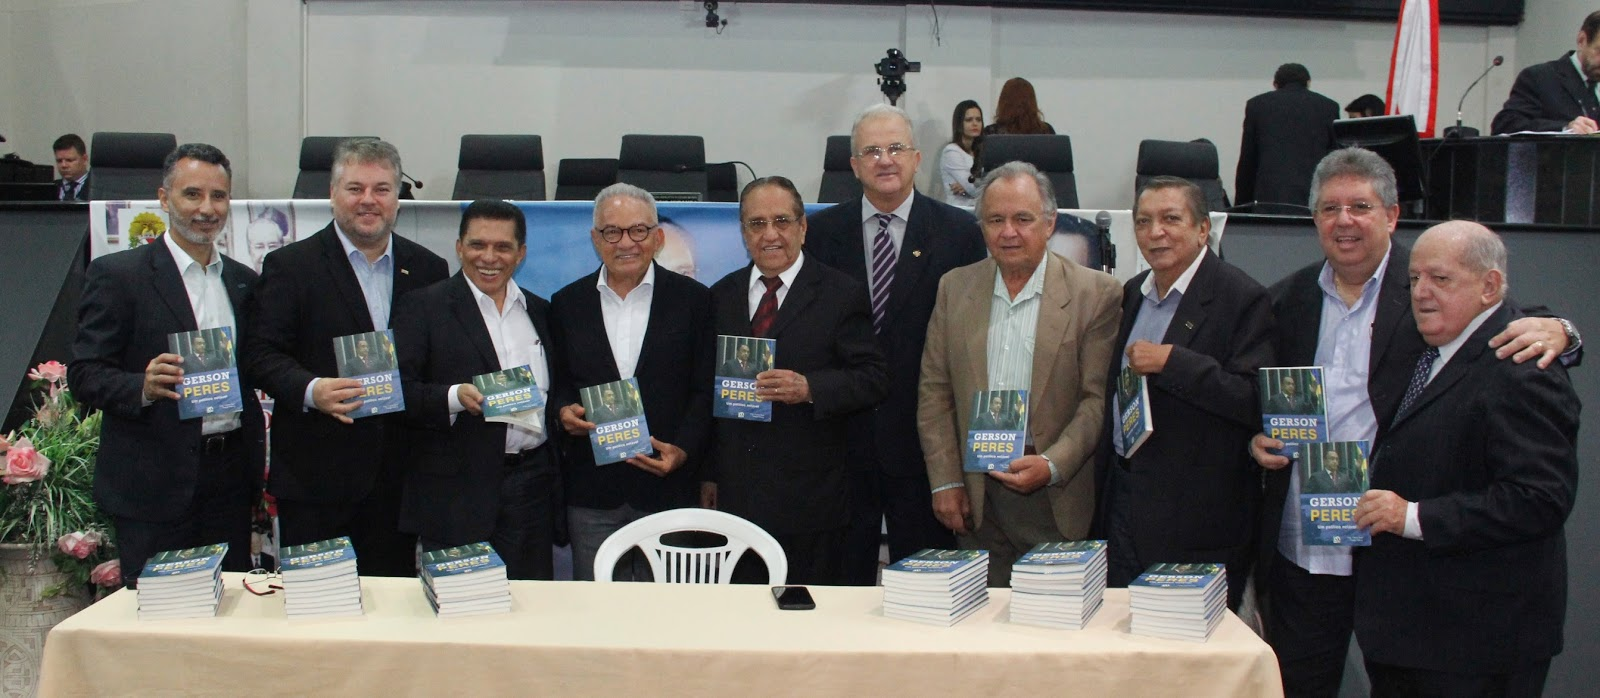 Gérson De Oliveira Nunes with biografia de gerson peres em sessão histórica   blog da